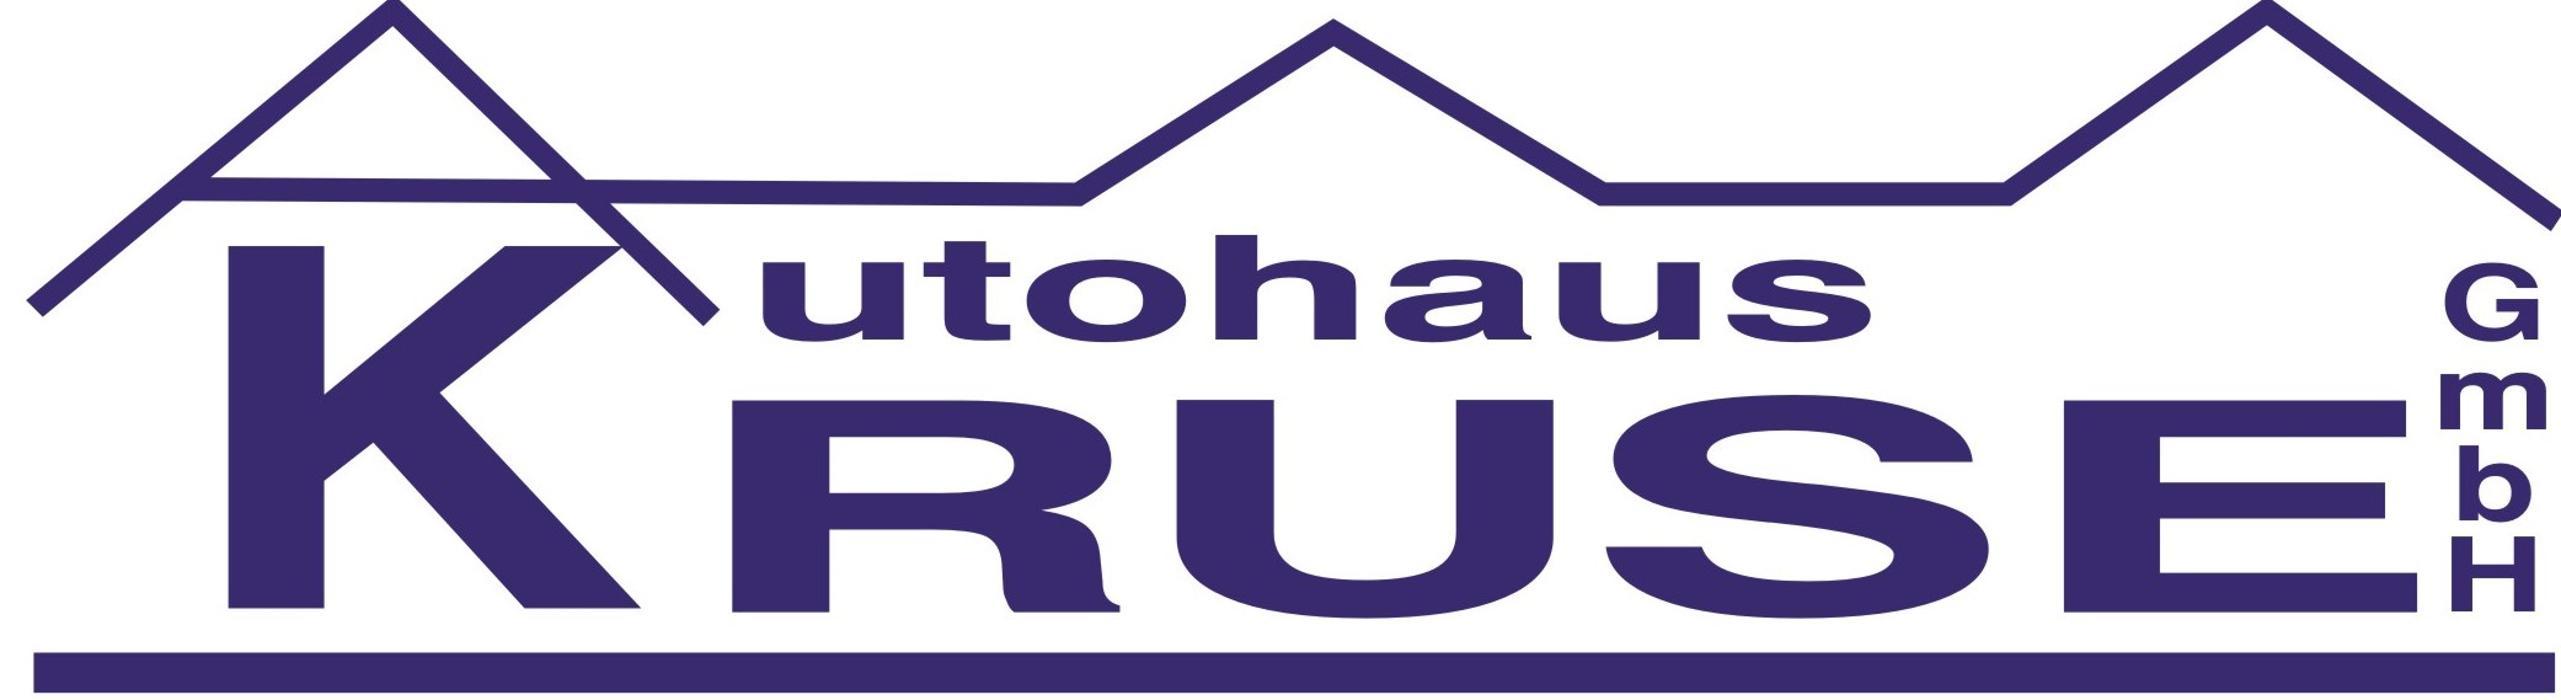 Logo von Autohaus Kruse GmbH ad Auto Dienst